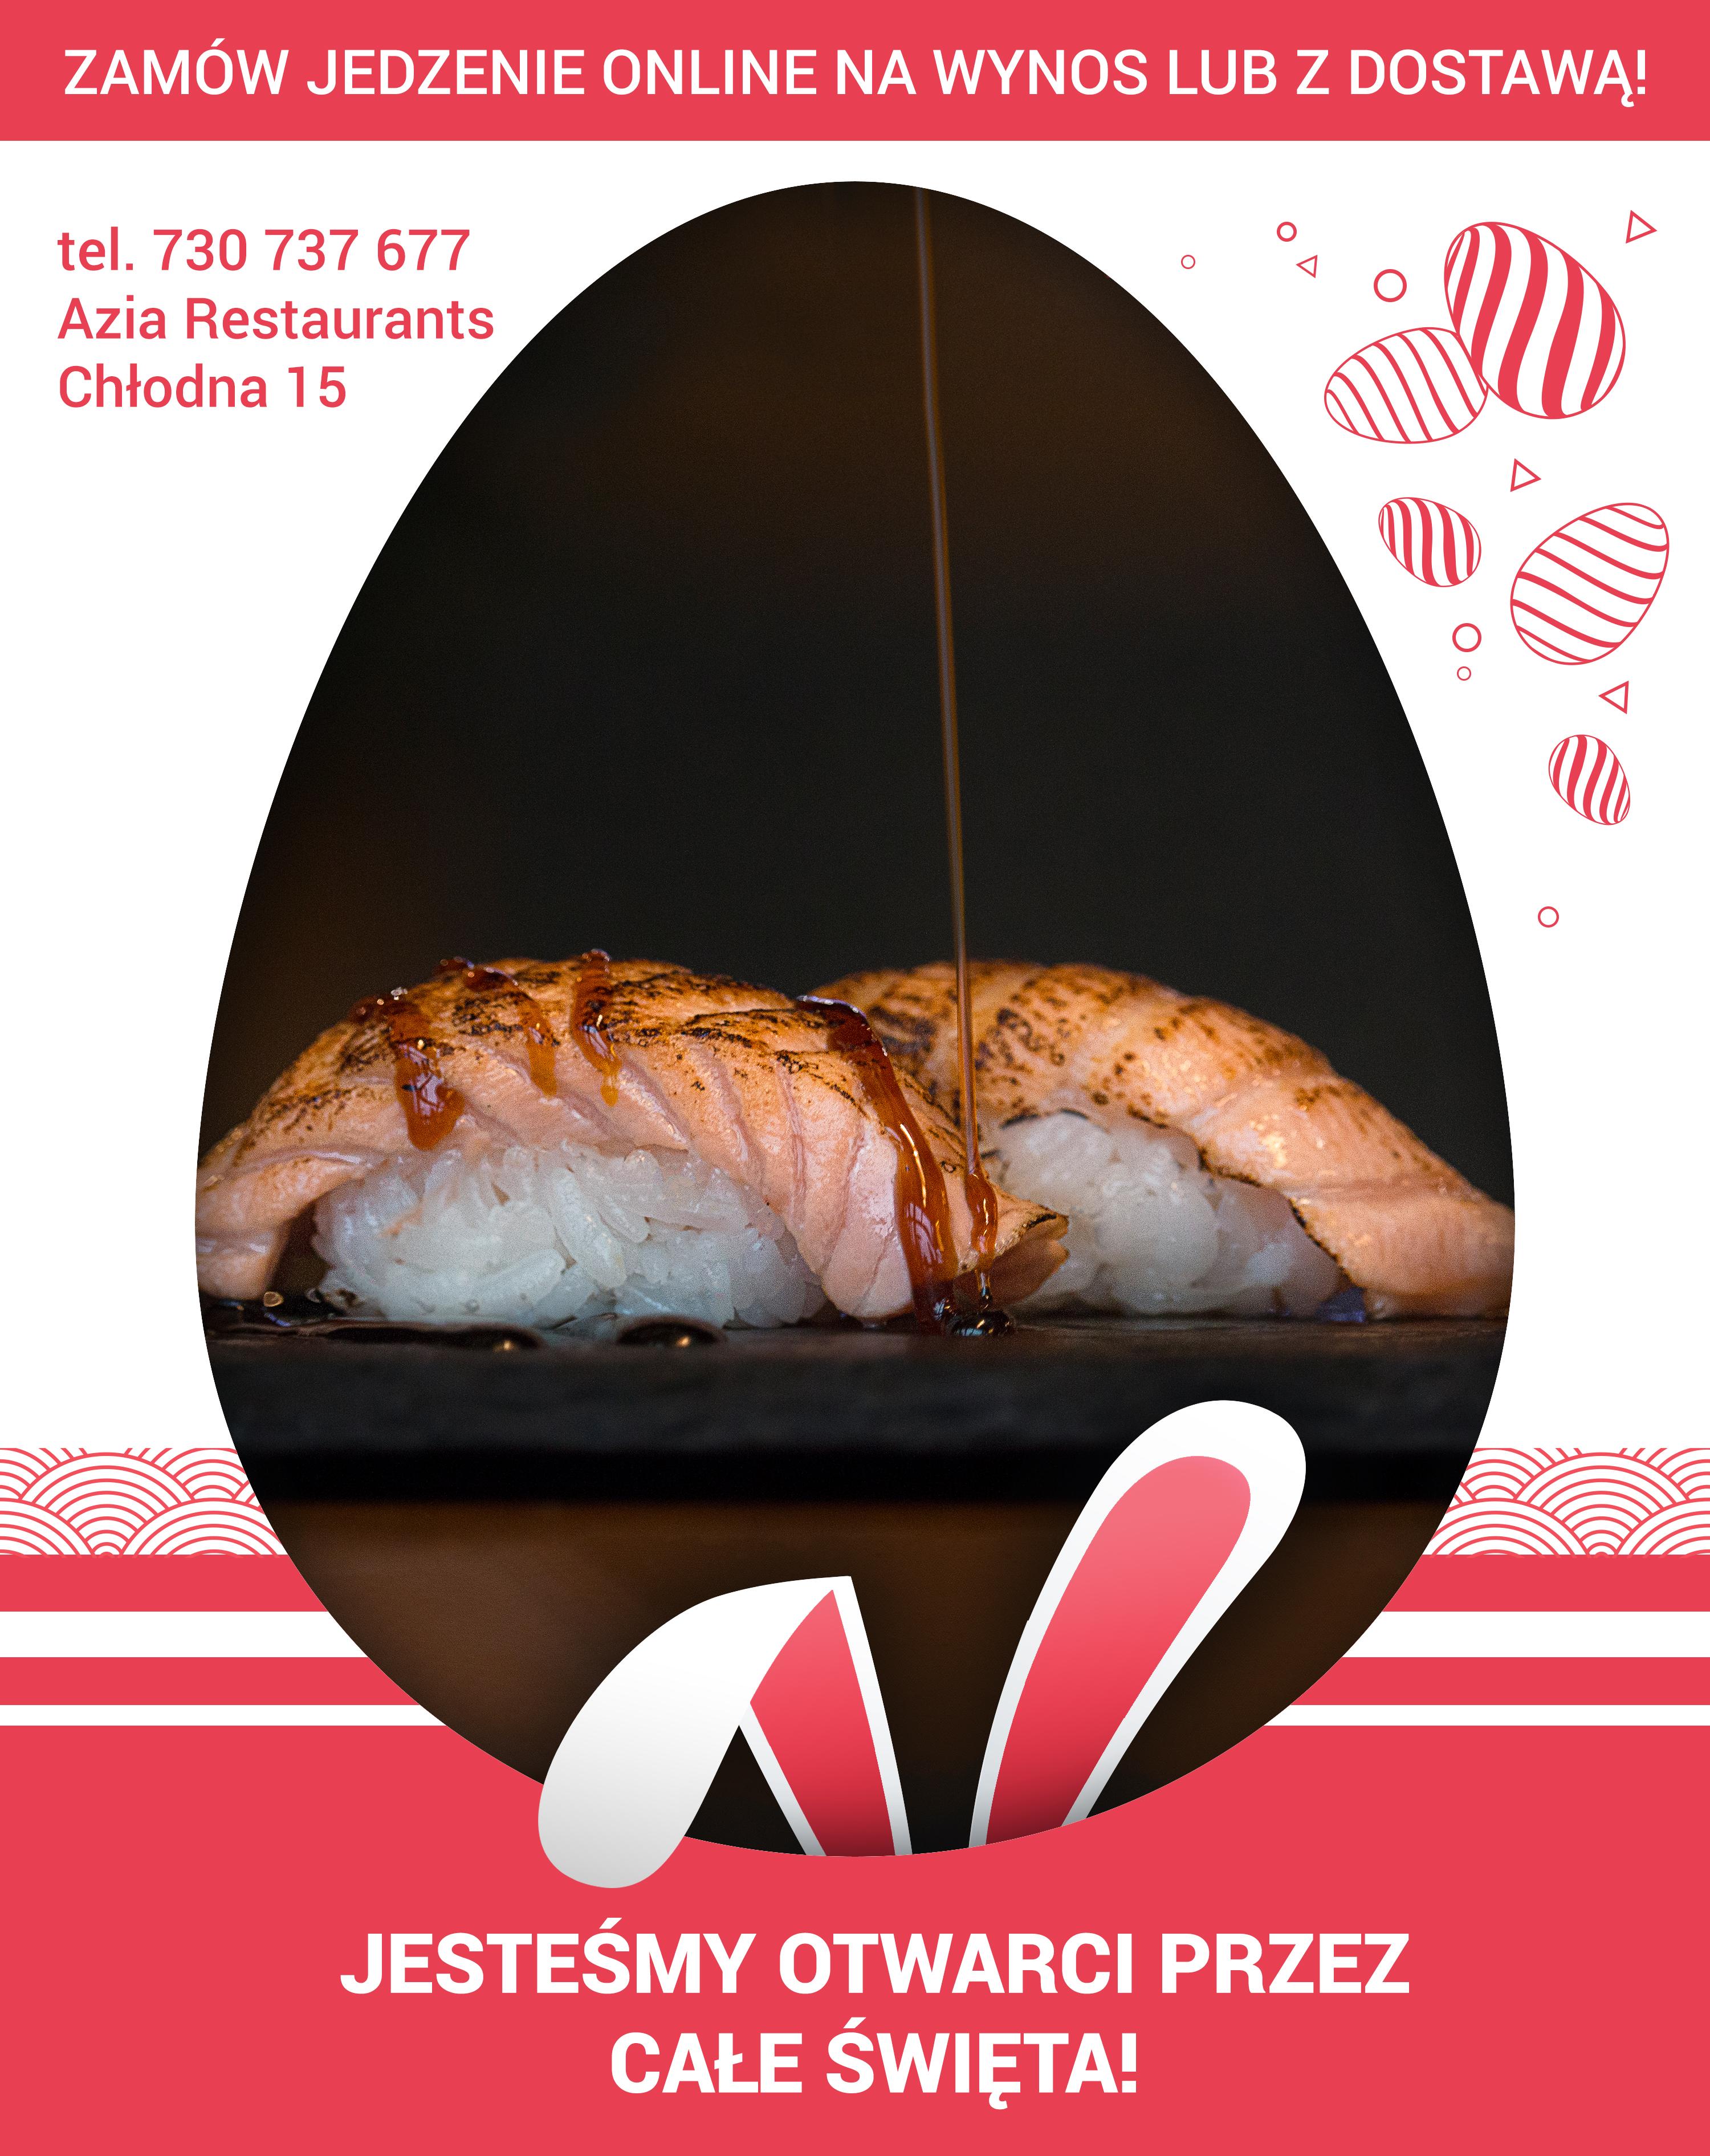 Dostarczamy jedzenie nawet w Święta Wielkanocne!